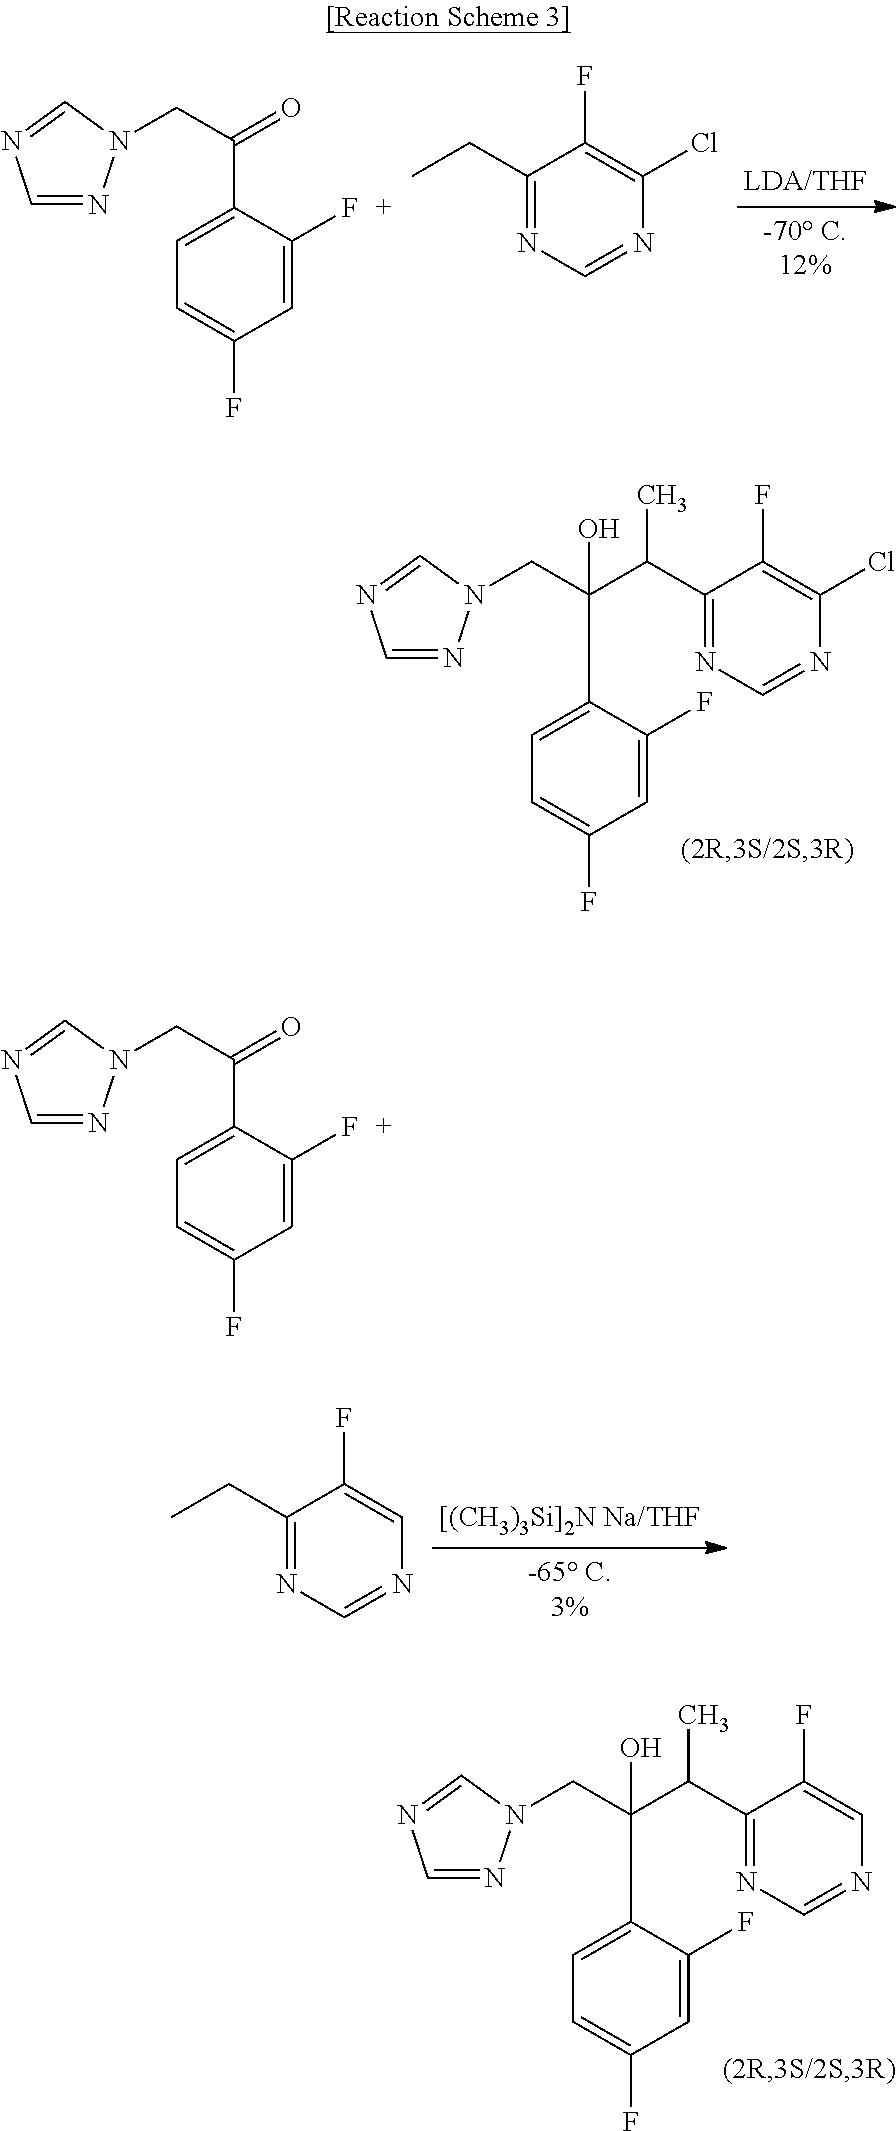 Figure US20130005973A1-20130103-C00005